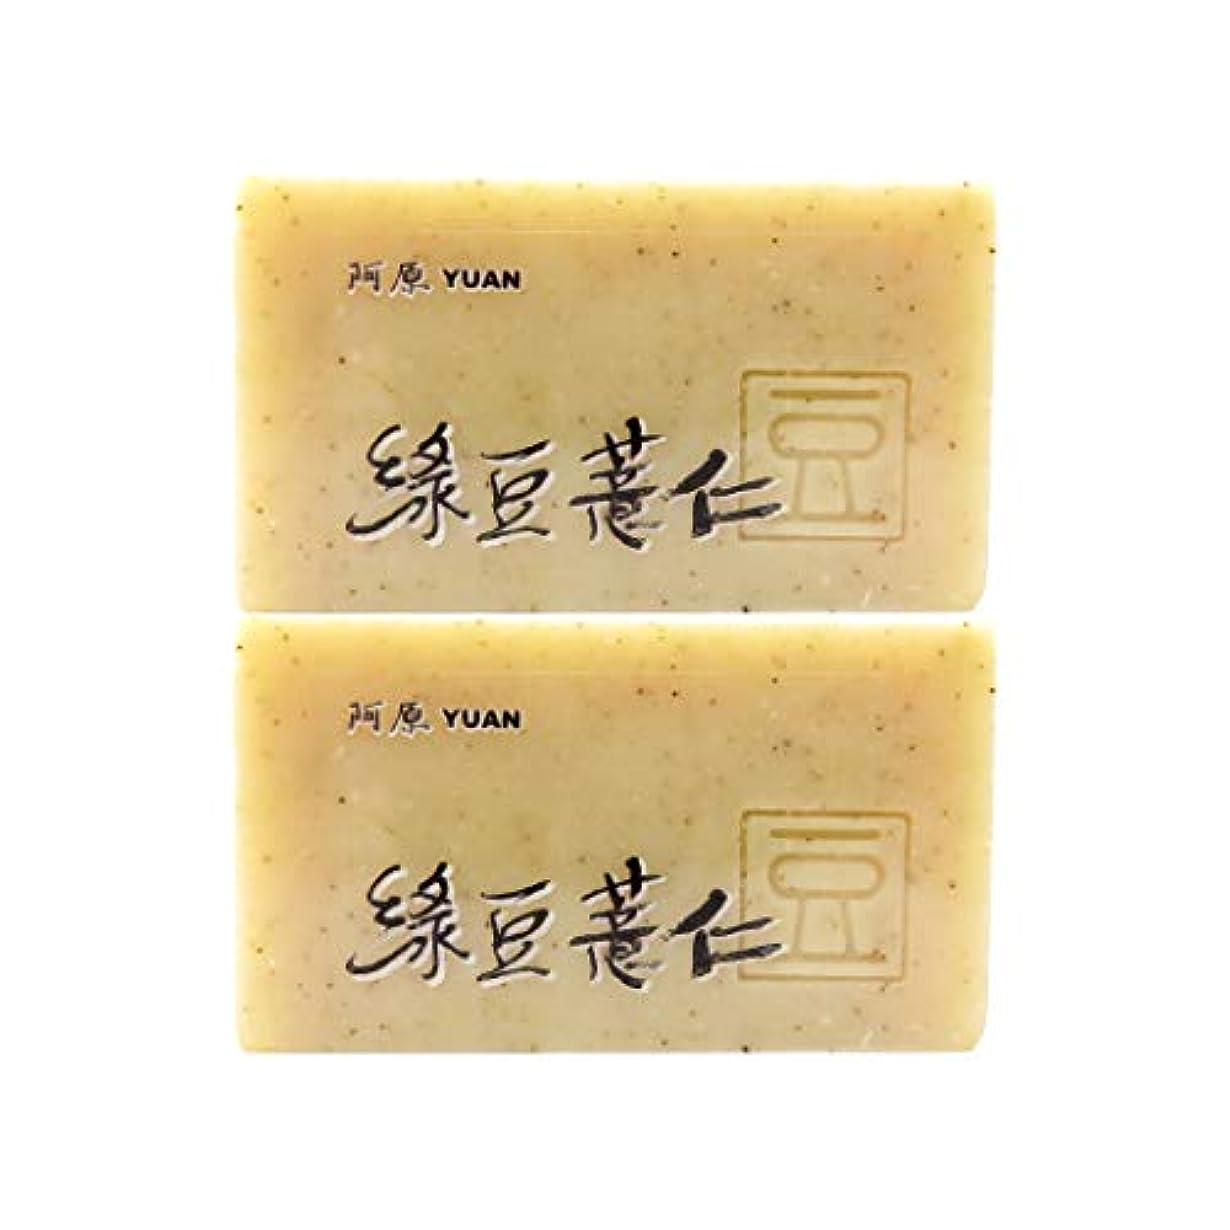 アクション症状パドルユアン(YUAN) ハトムギ+リョクトウソープ 100g (2個セット)